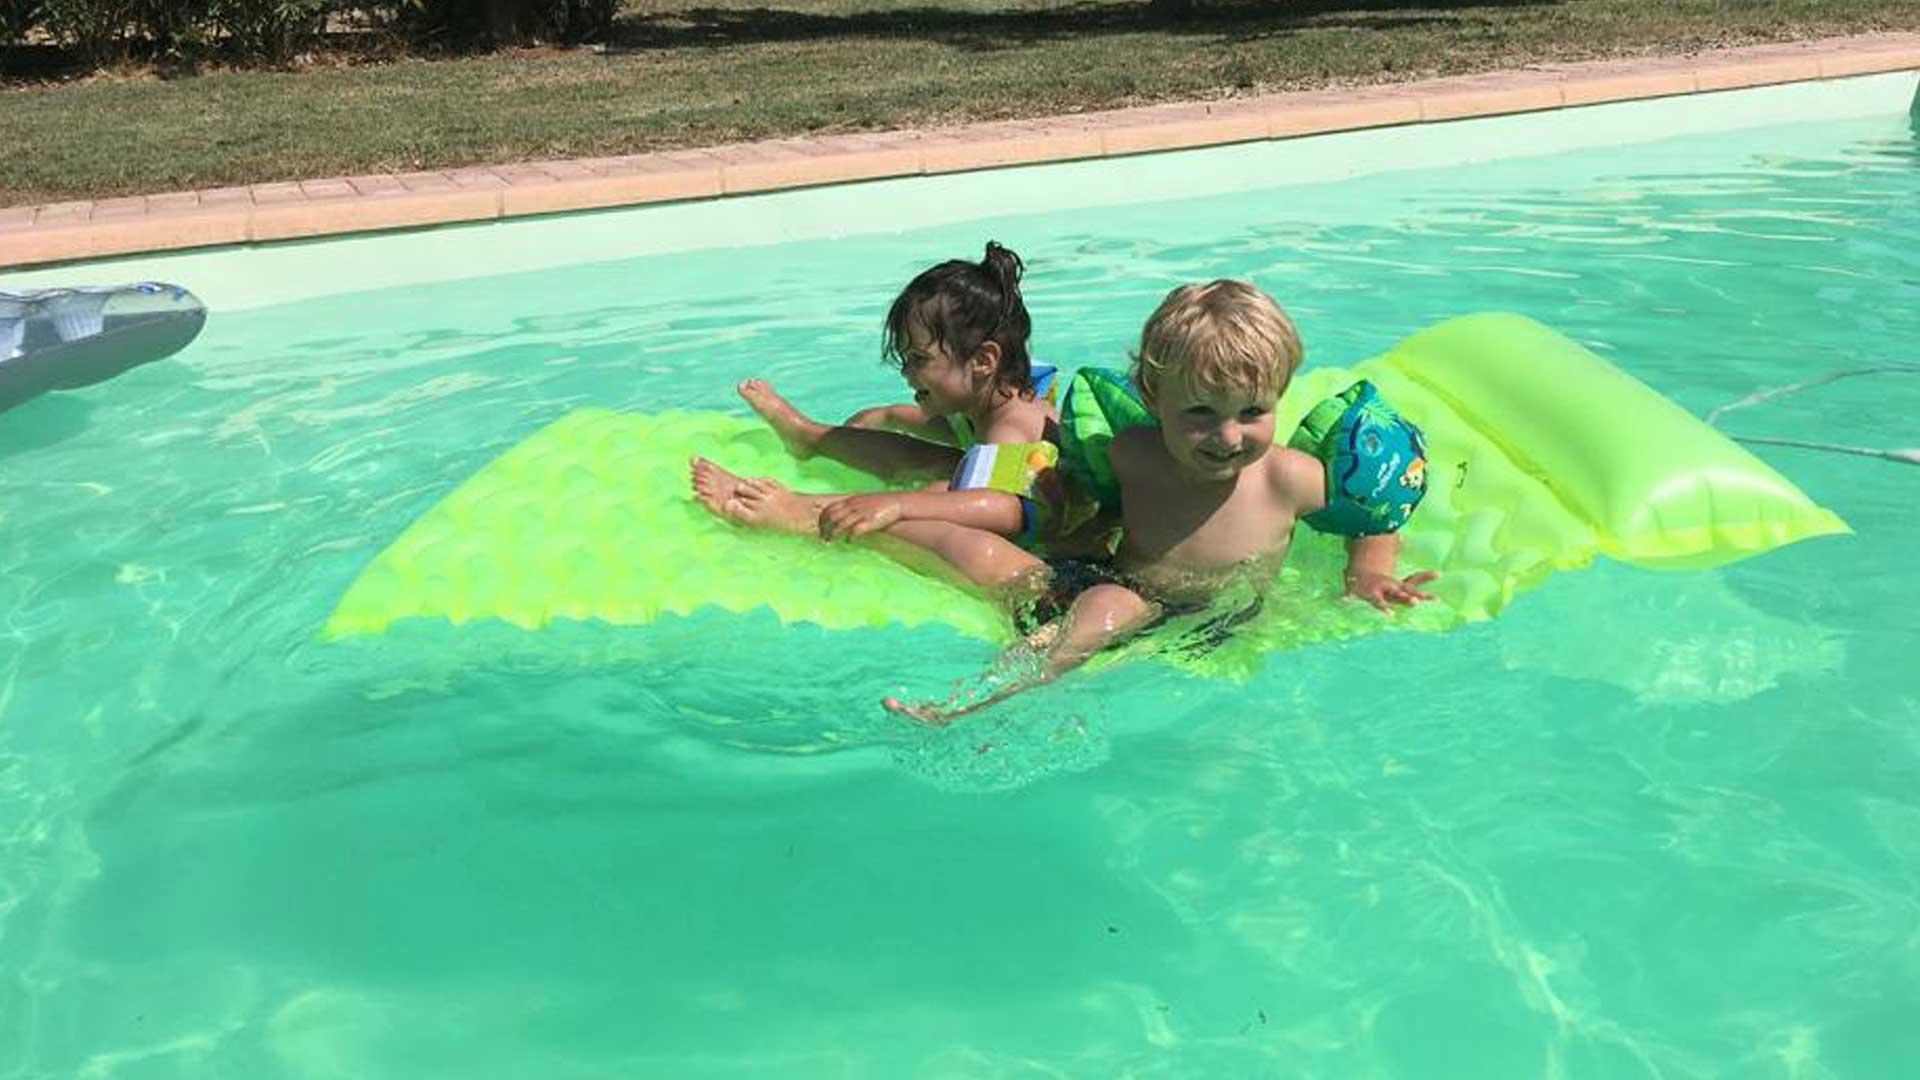 Santé publique France : attention aux noyades chez les petits !